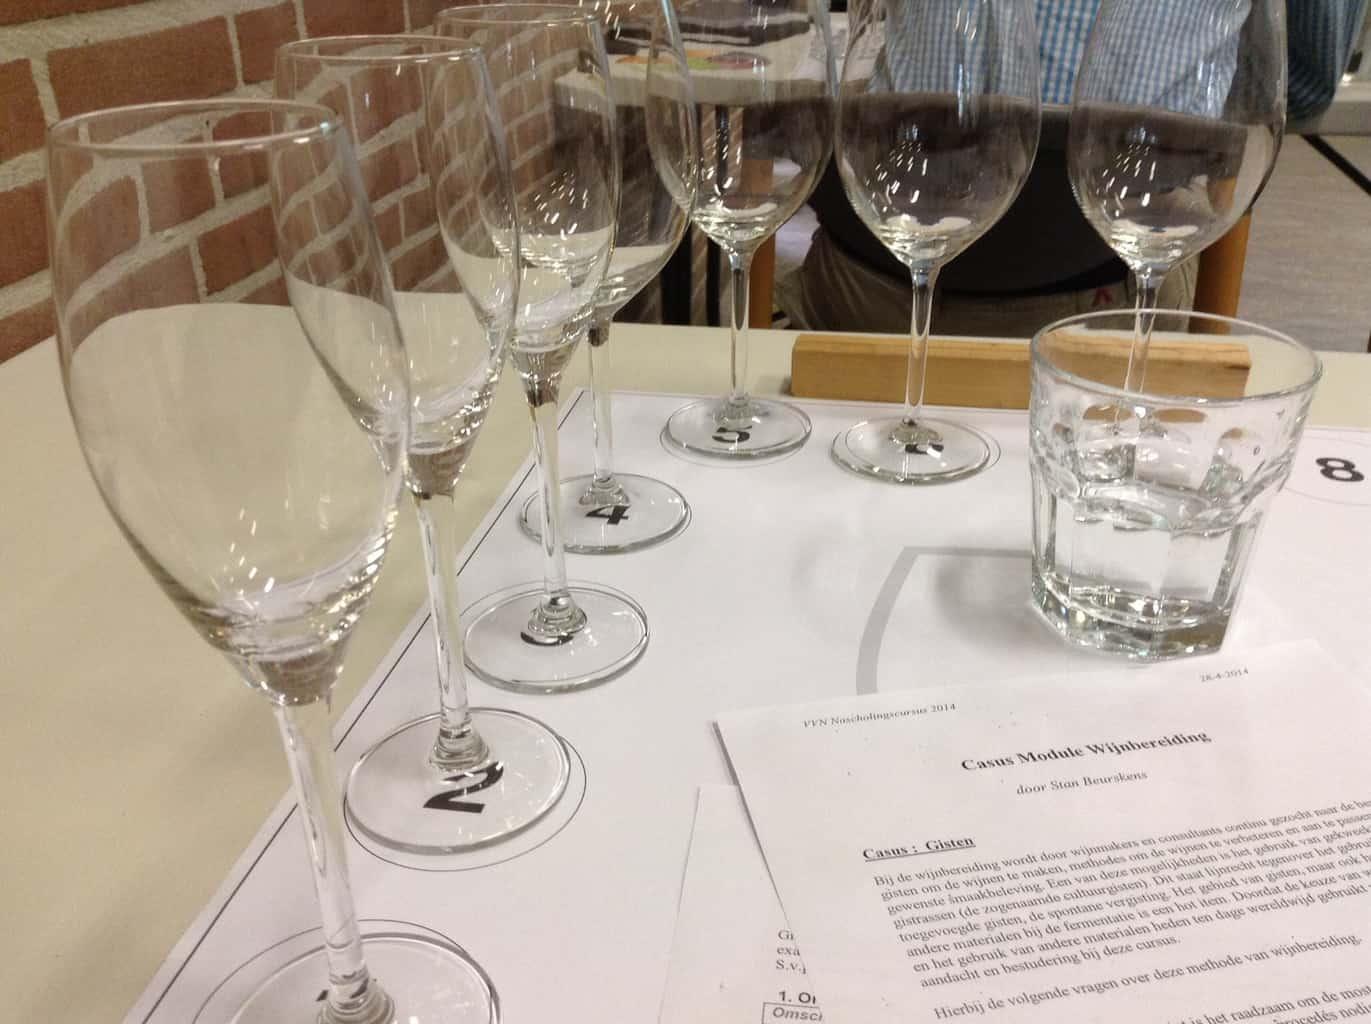 Glazen module wijnbereiding Stan Beurskens Wijnacademie